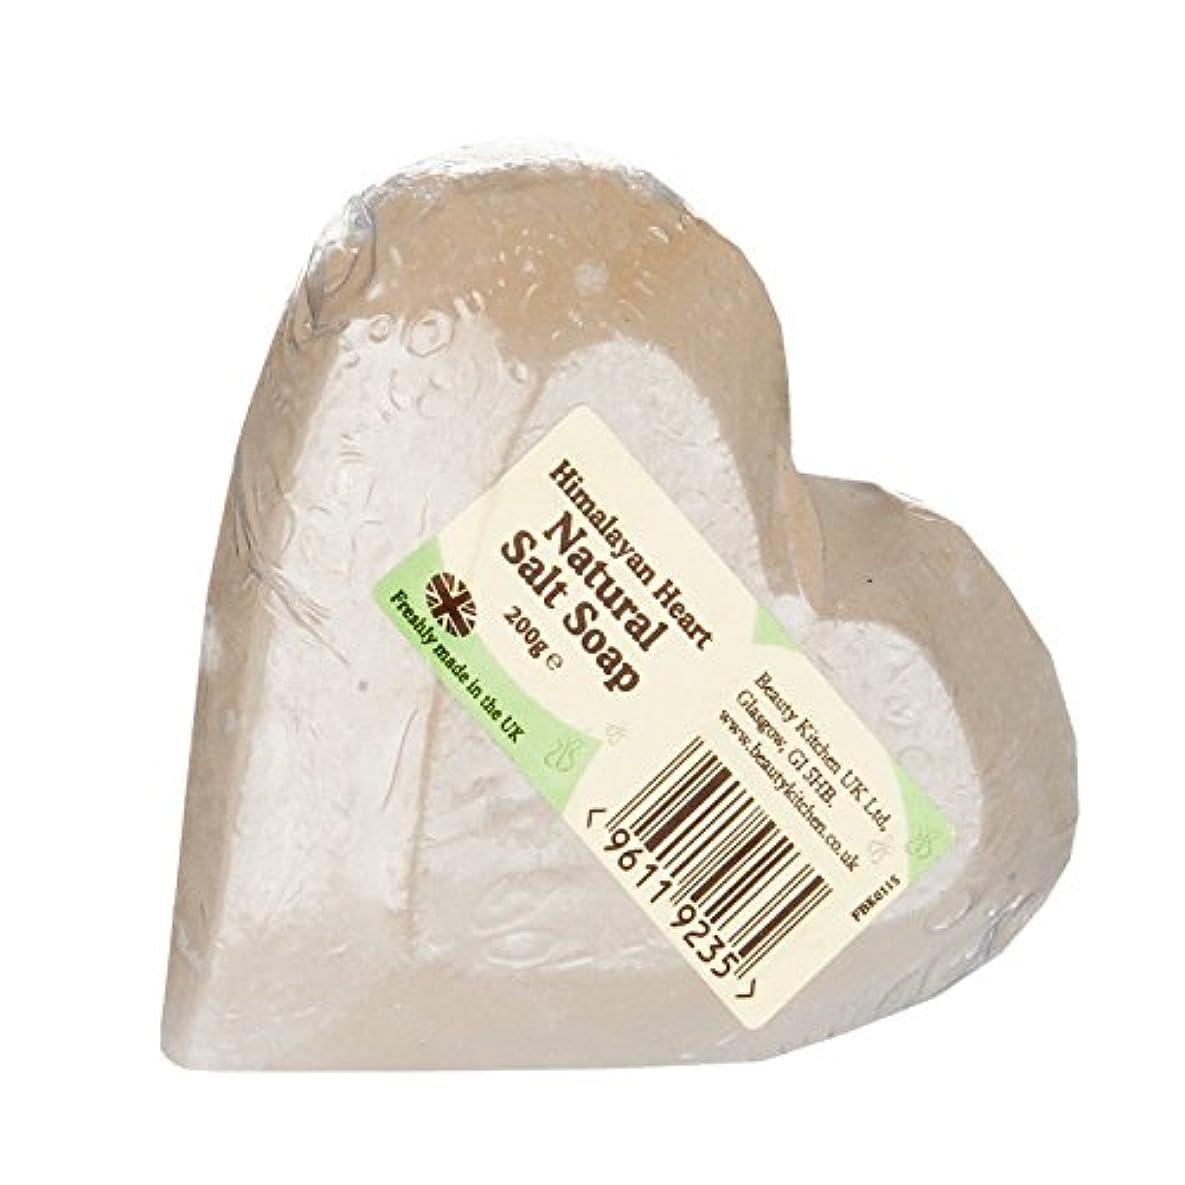 それぞれ付添人ドラフト美容キッチンヒマラヤンハートソープ200グラム - Beauty Kitchen Himalayan Heart Soap 200g (Beauty Kitchen) [並行輸入品]